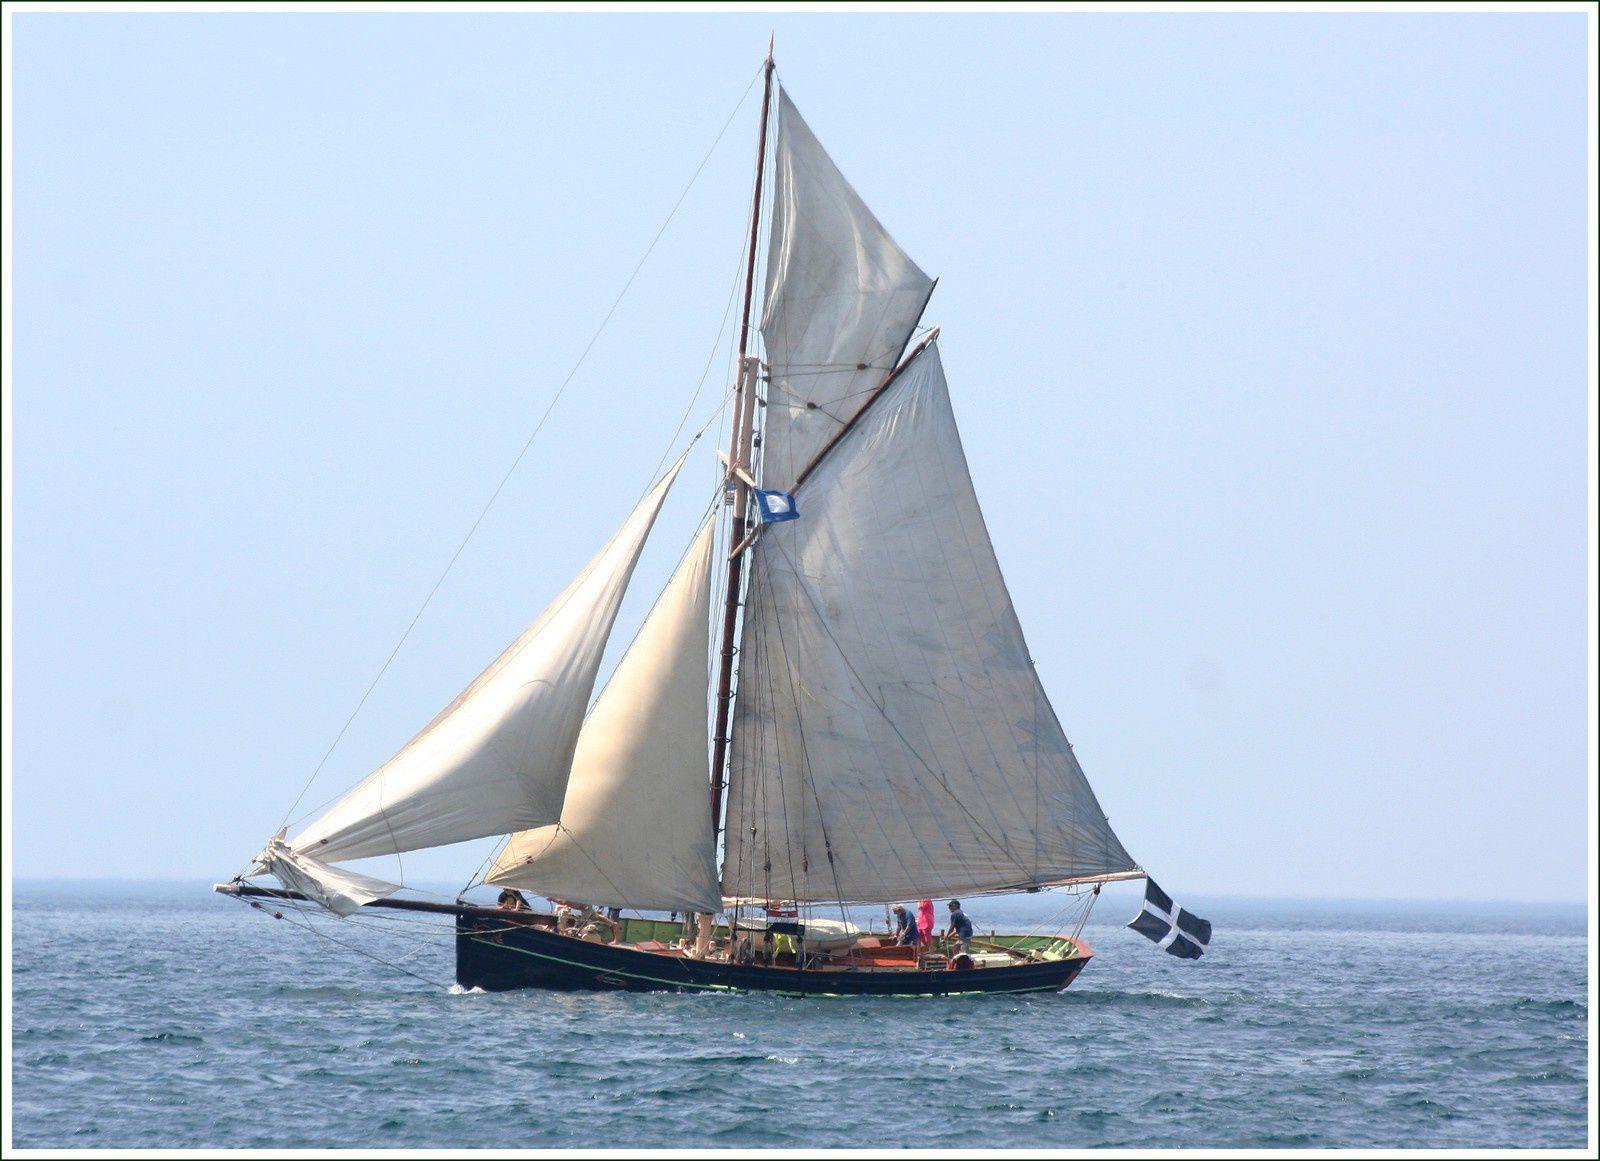 282 - Rencontres bateaux au fil de l'eau 13ème 2016 07 19 Photos © GeoMar voiliers traditionnels, fêtes maritimes Douarnenez